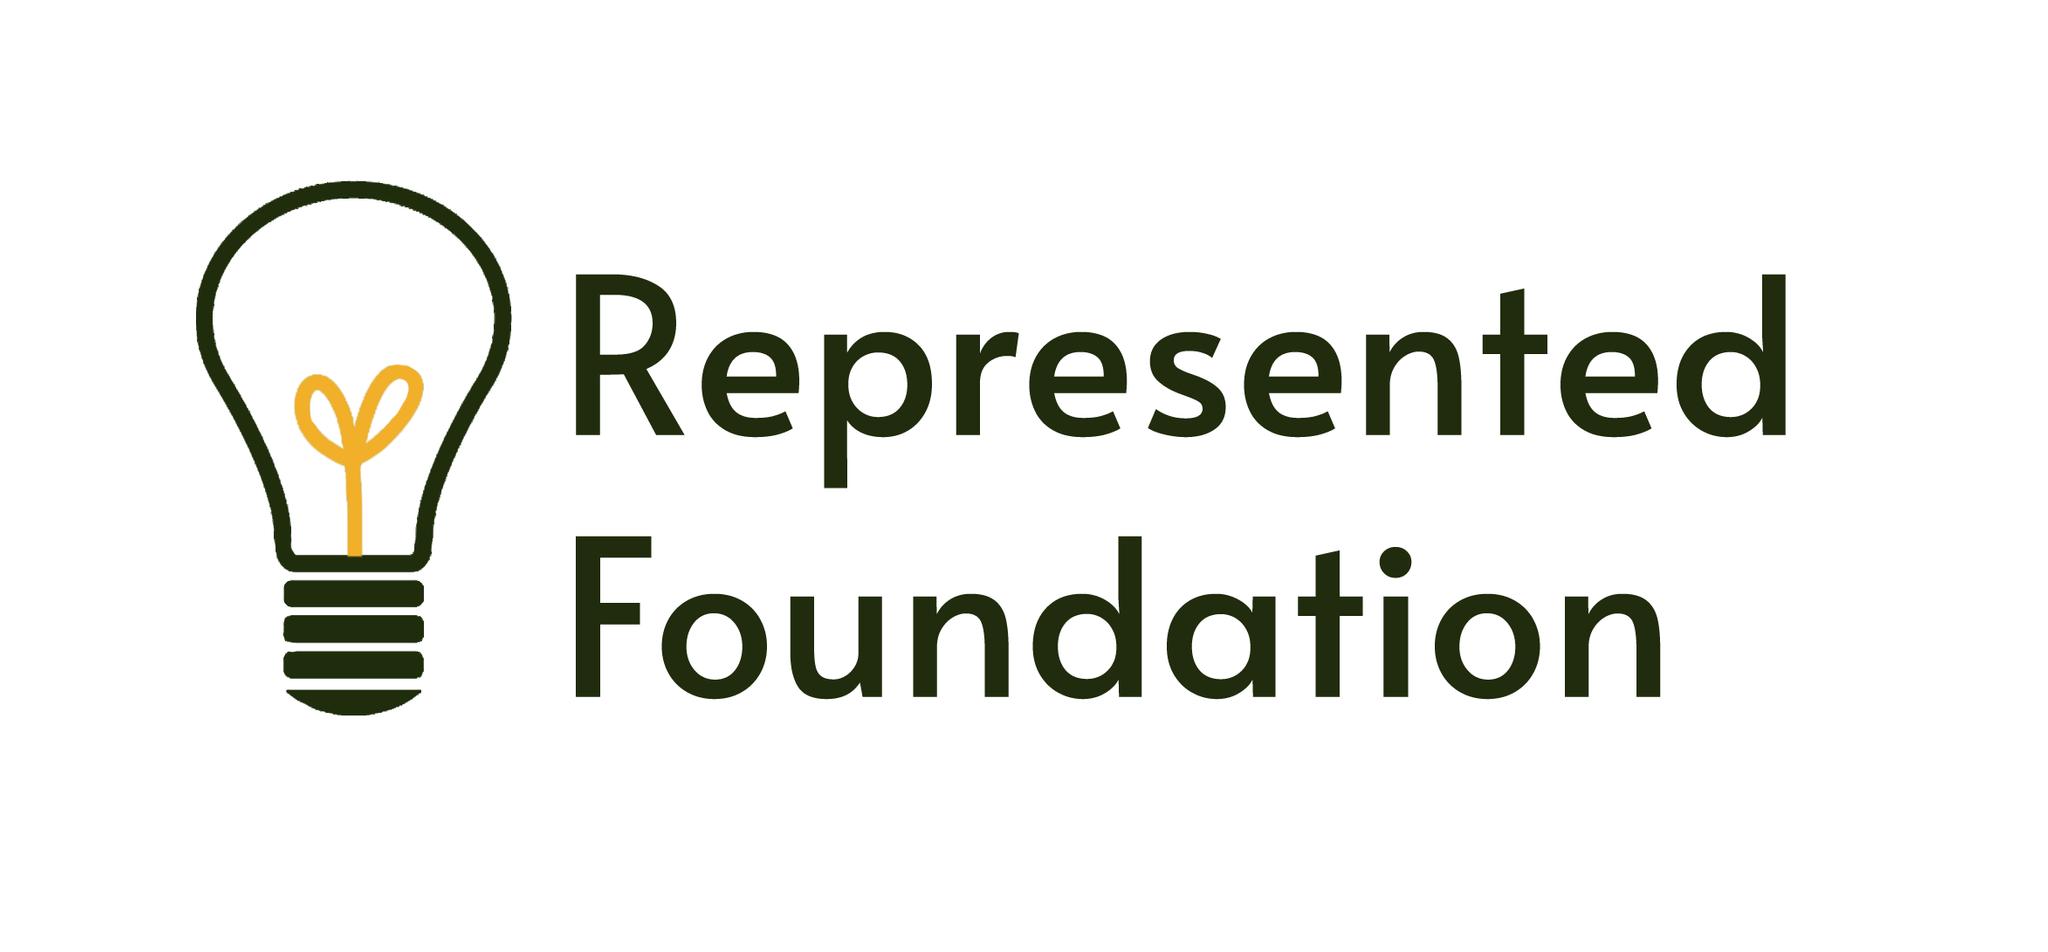 Represented Foundation Logo